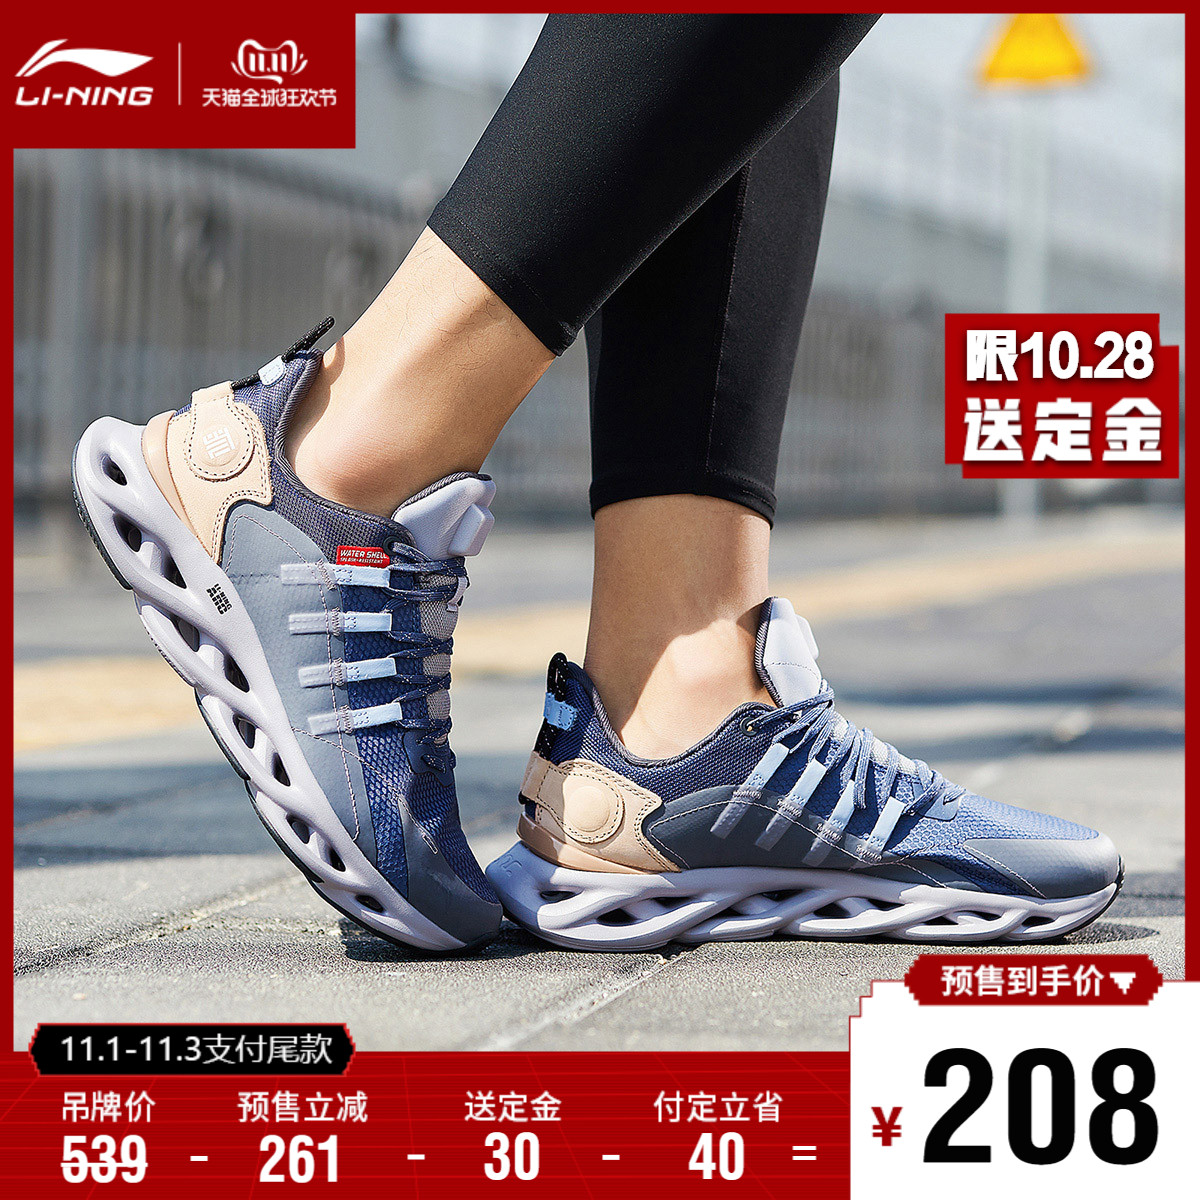 双11预售李宁跑步鞋男鞋官方李宁弧防风减震休闲男士低帮运动鞋